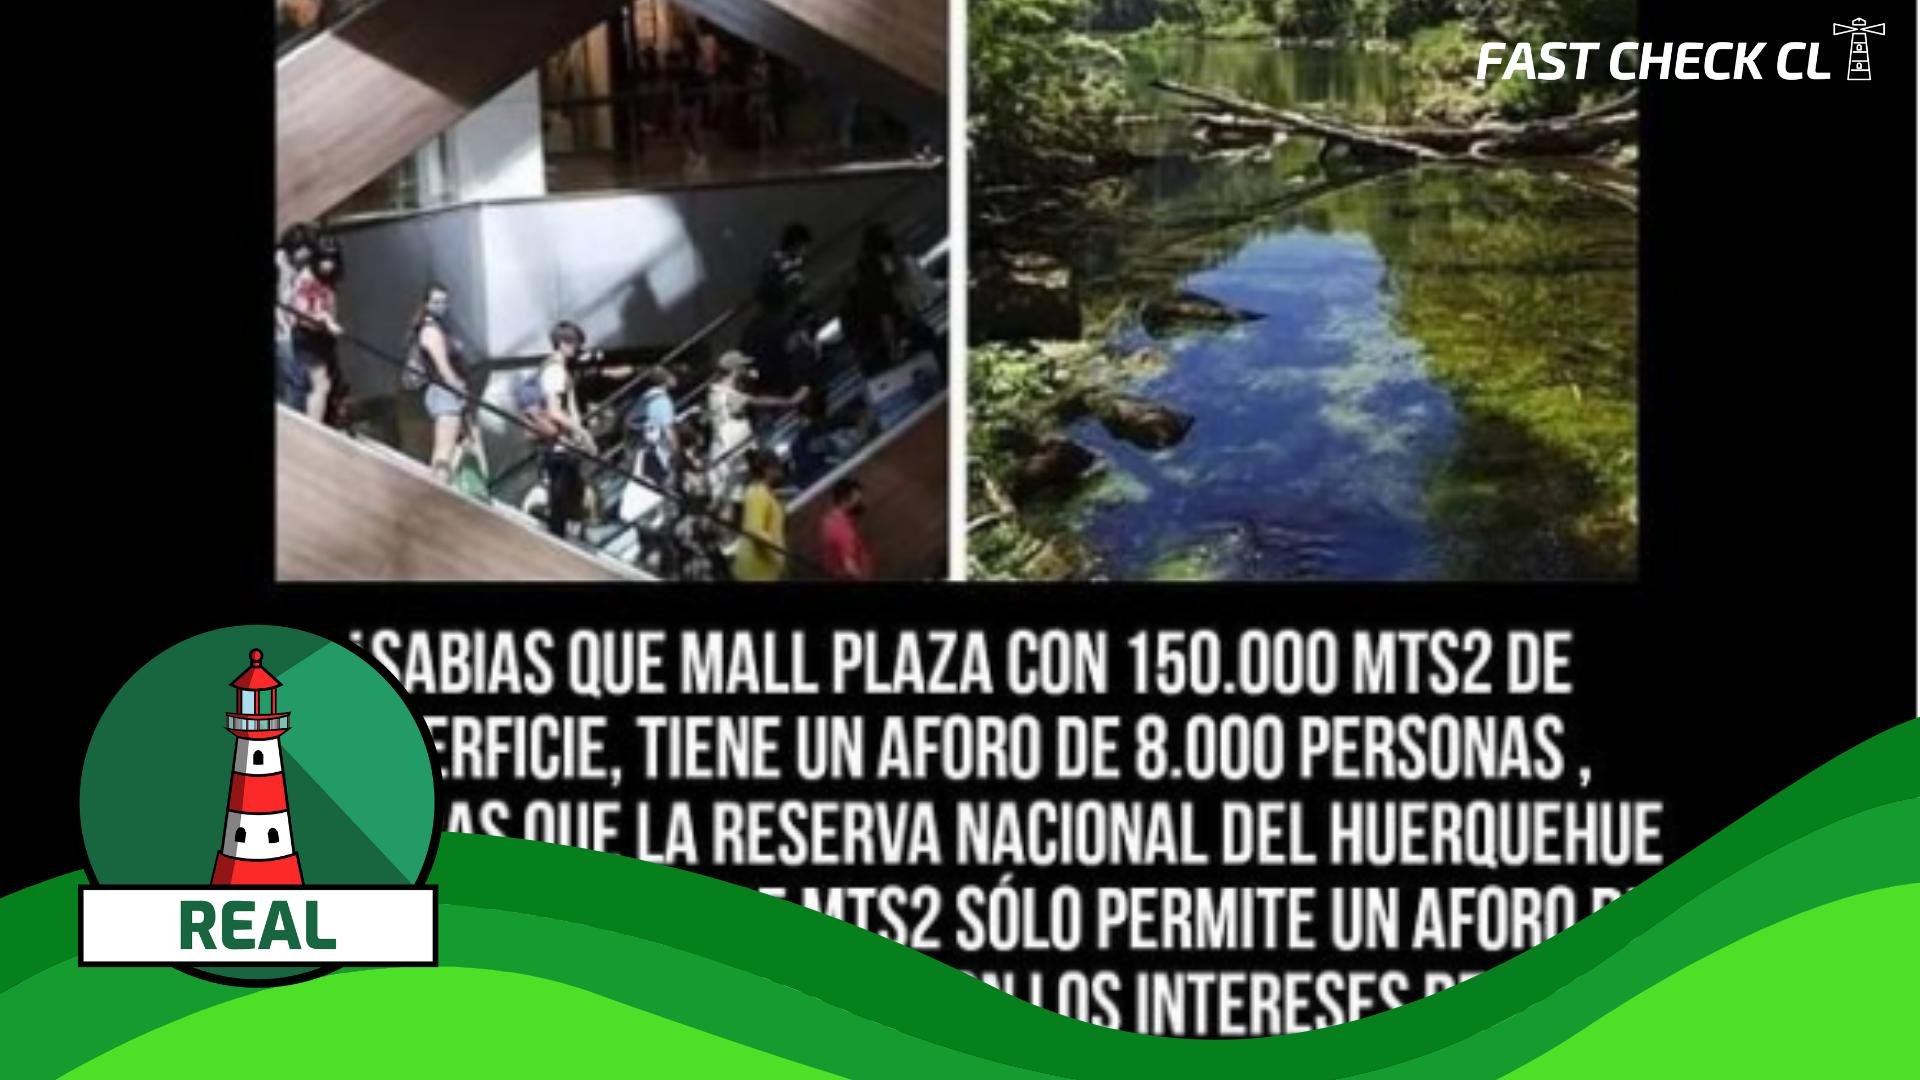 (Imagen): Mallplaza Oeste con una superficie de 150 mil m2, tiene aforo de ocho mil personas, en tanto el Parque Nacional Huerquehue con 125 millones de m2 cuenta con una capacidad máxima de 250: #Real